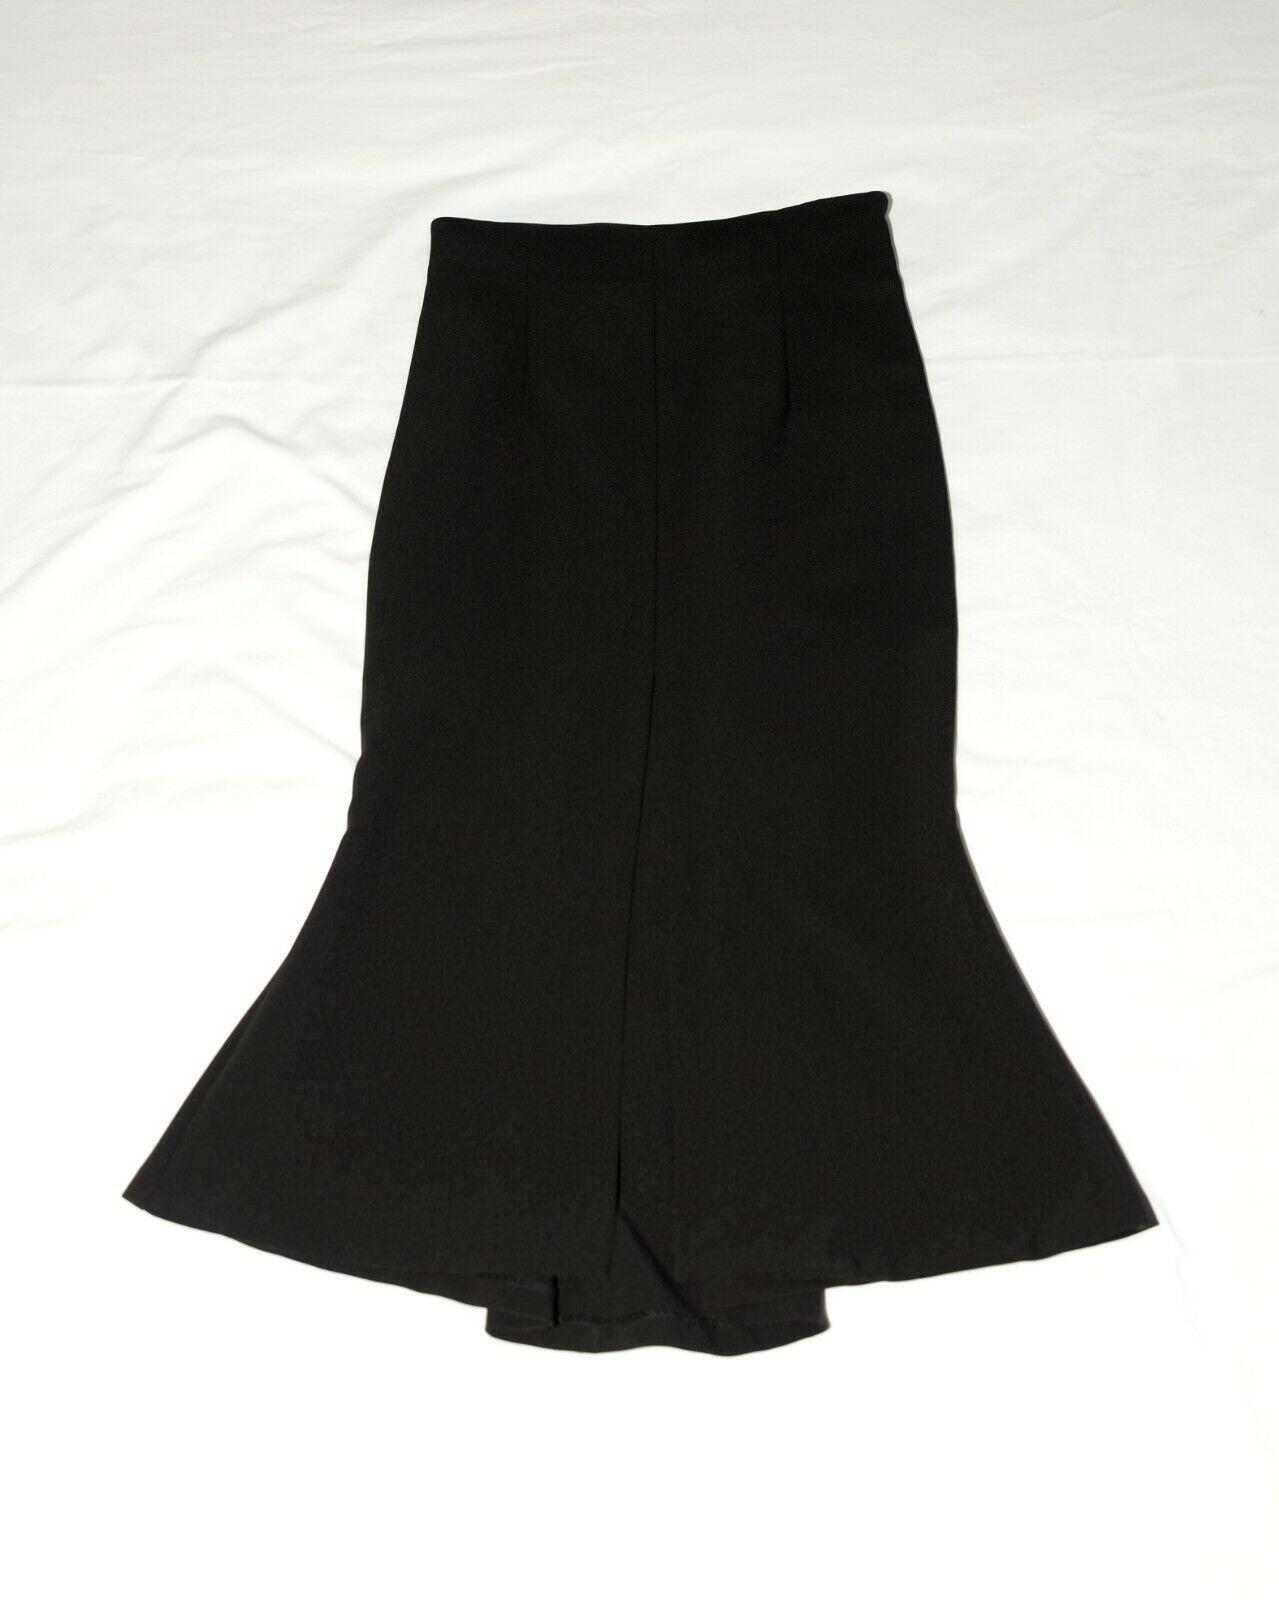 Tight pencil skirt DENNY ROSE |  | DD700022001